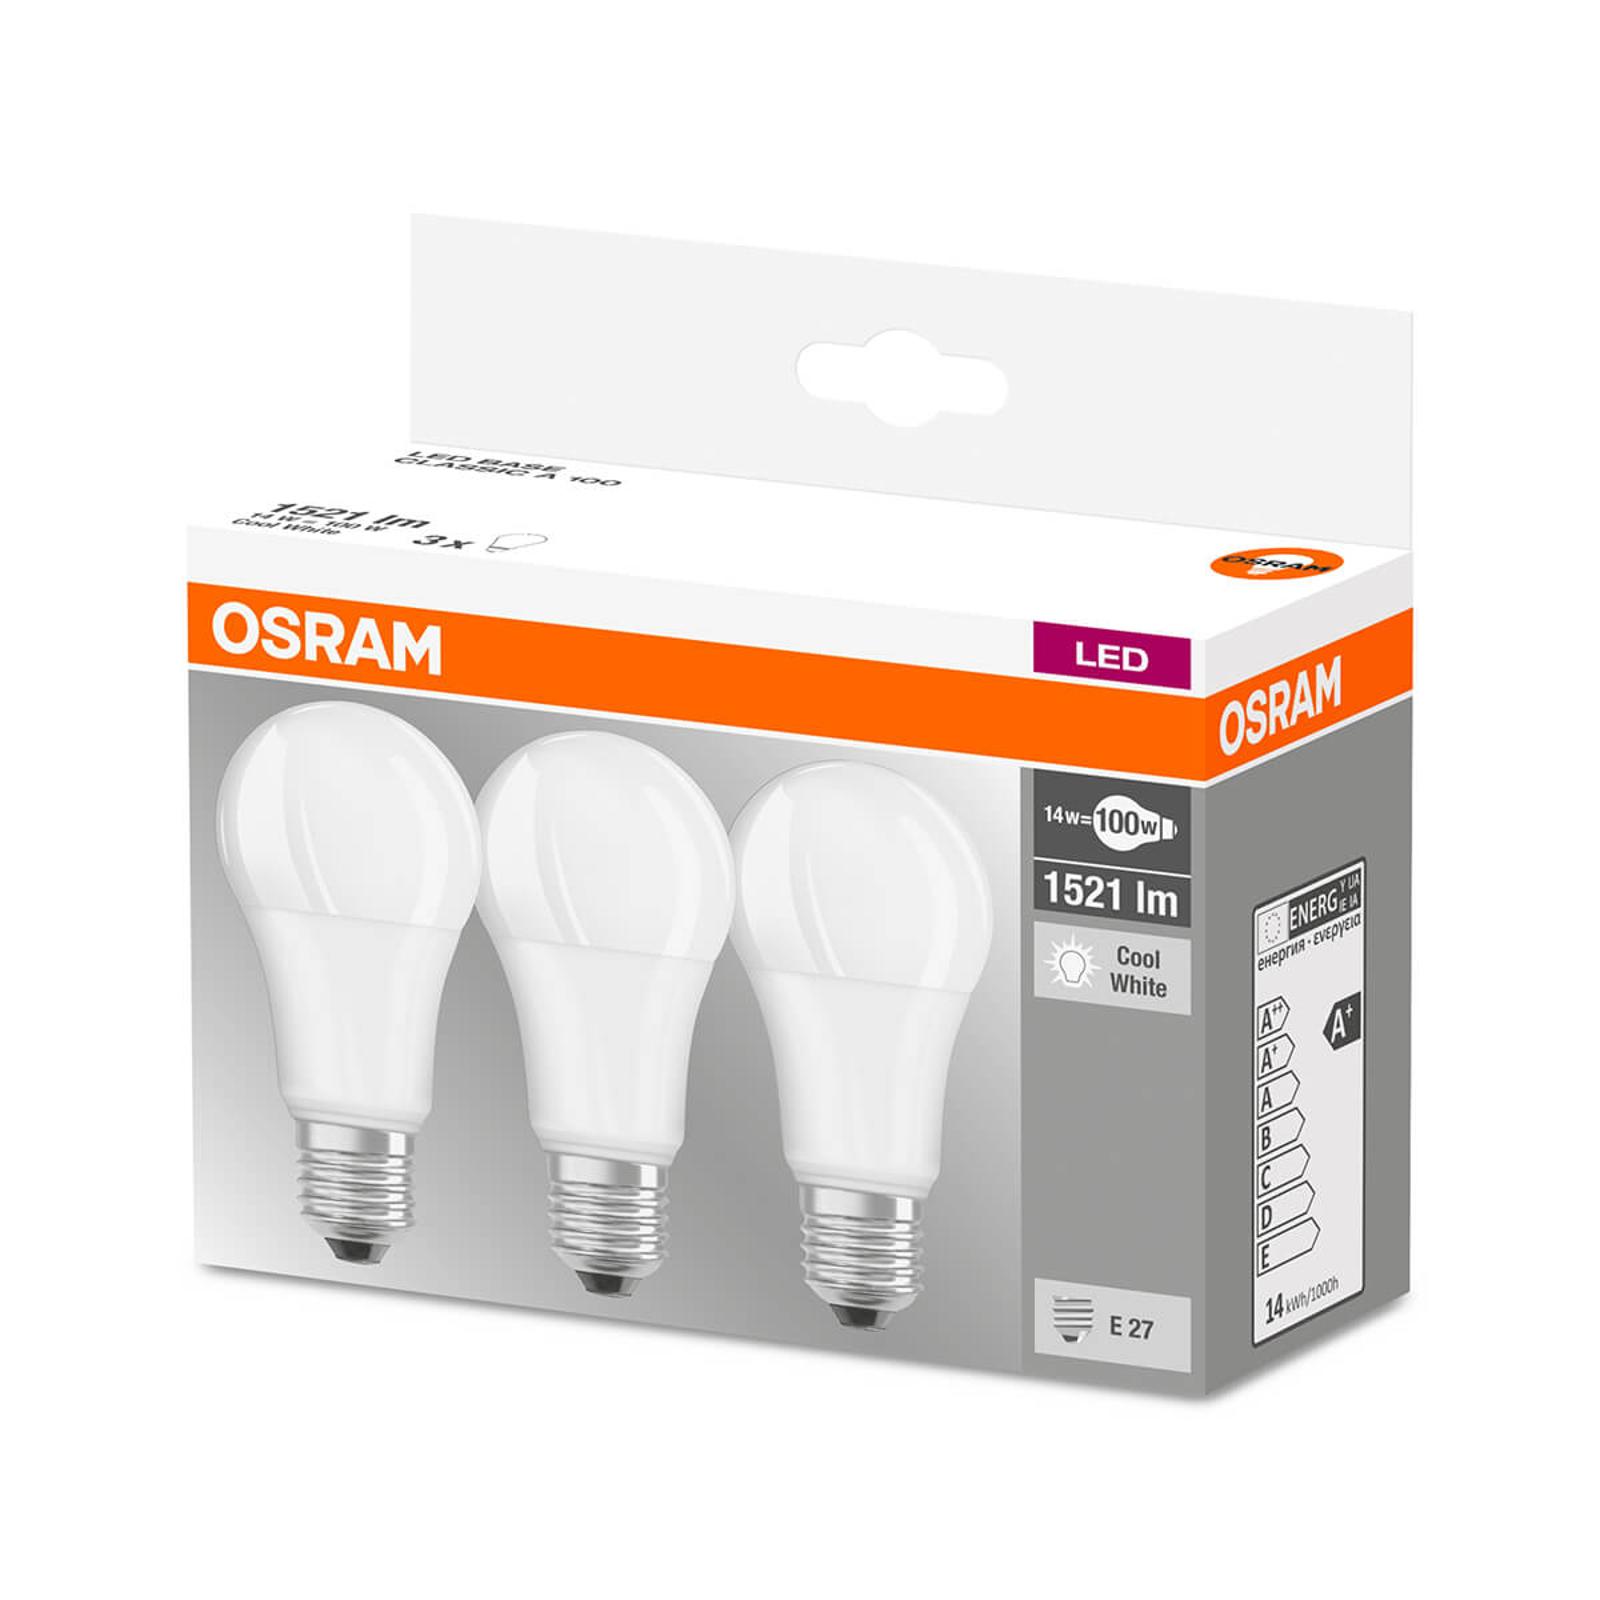 Lampadina LED E27 14W, bianco neutro, set da 3